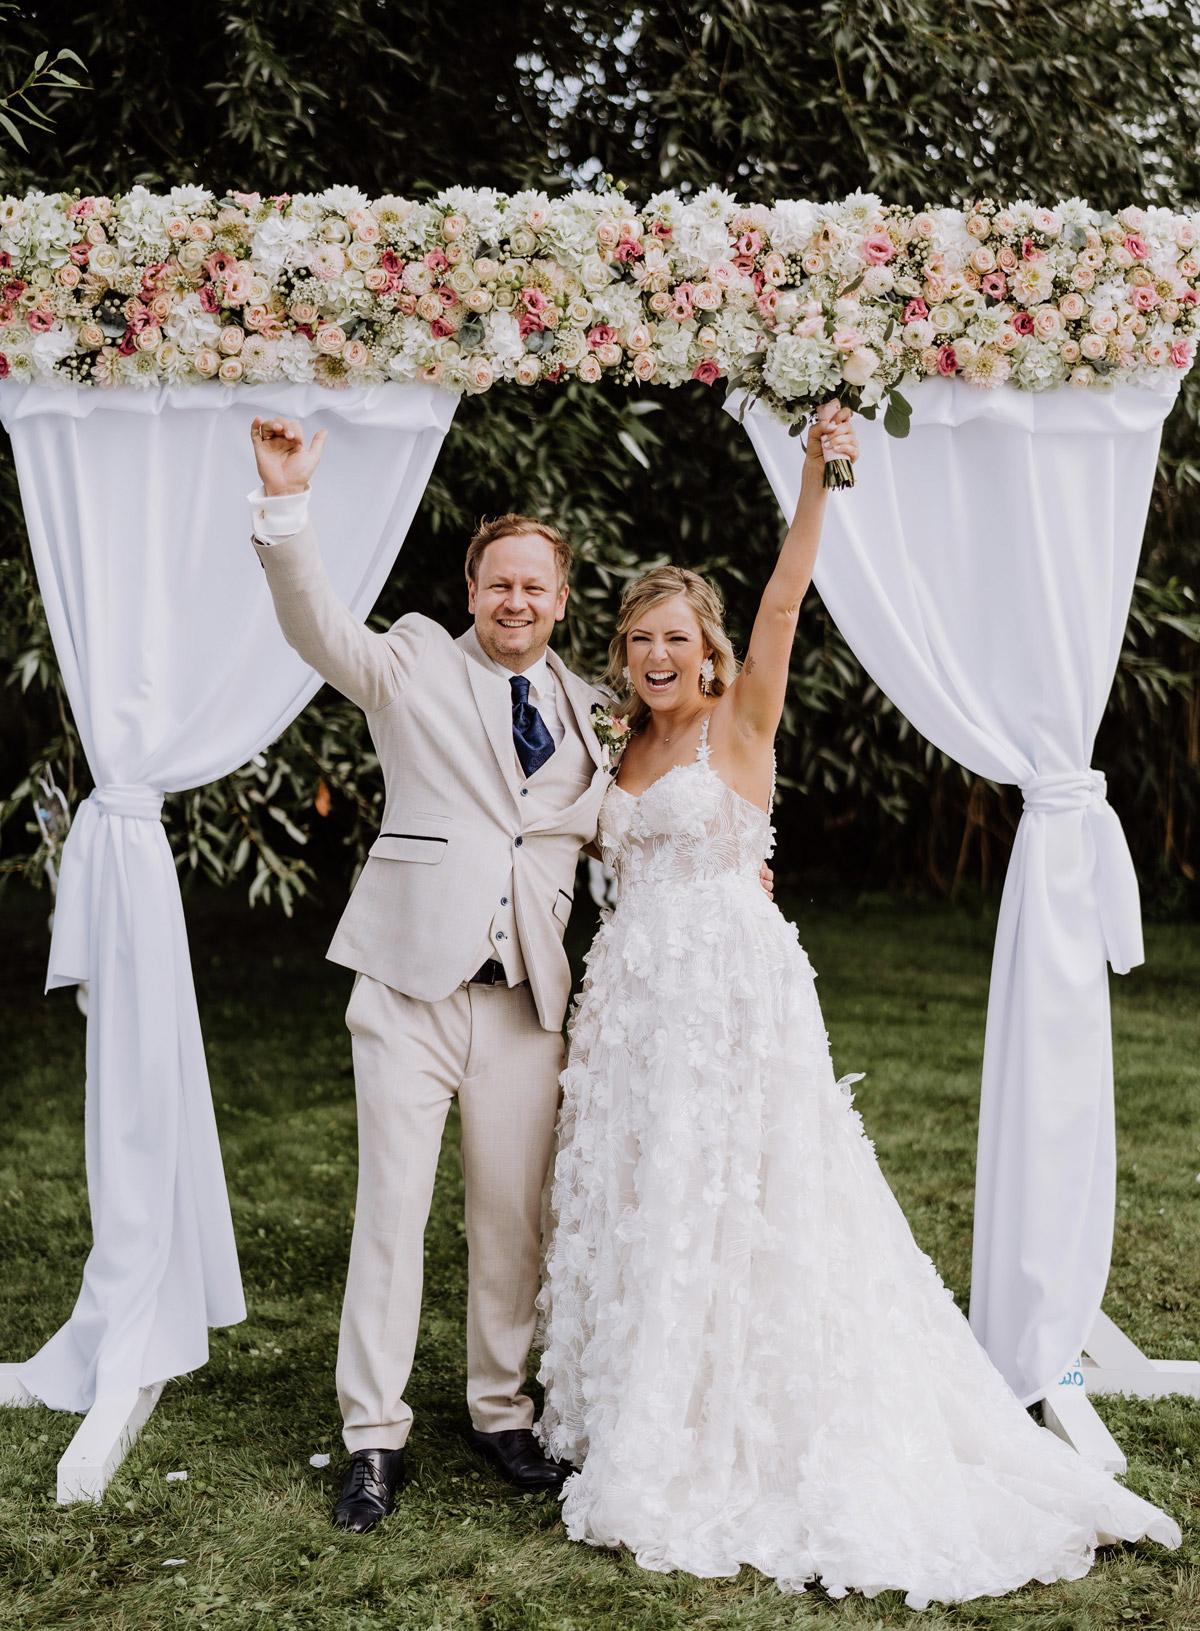 Boho Hochzeitspaar reißt glücklich nach ihrer freien Trauung die Arme nach oben. Die #hochzeitslicht Braut trägt ein Galia Lahav Traumkleid. - Hochzeitsfoto von Hochzeitsfotograf Potsdam im Resort Schwielowsee © www.hochzeitslicht.de